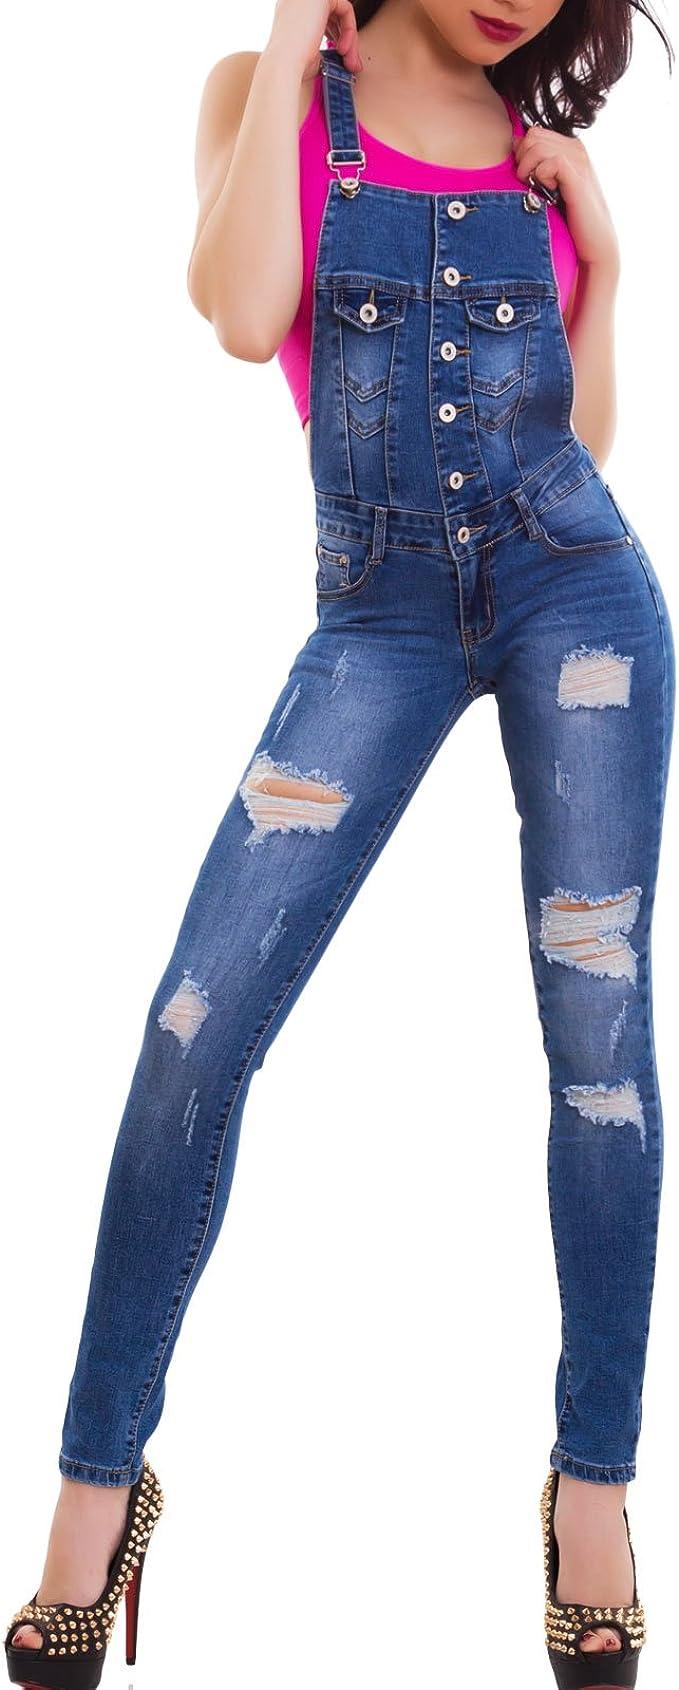 Tuta jeans nera donna elasticizzata aderente overall skinny smanicata nuova